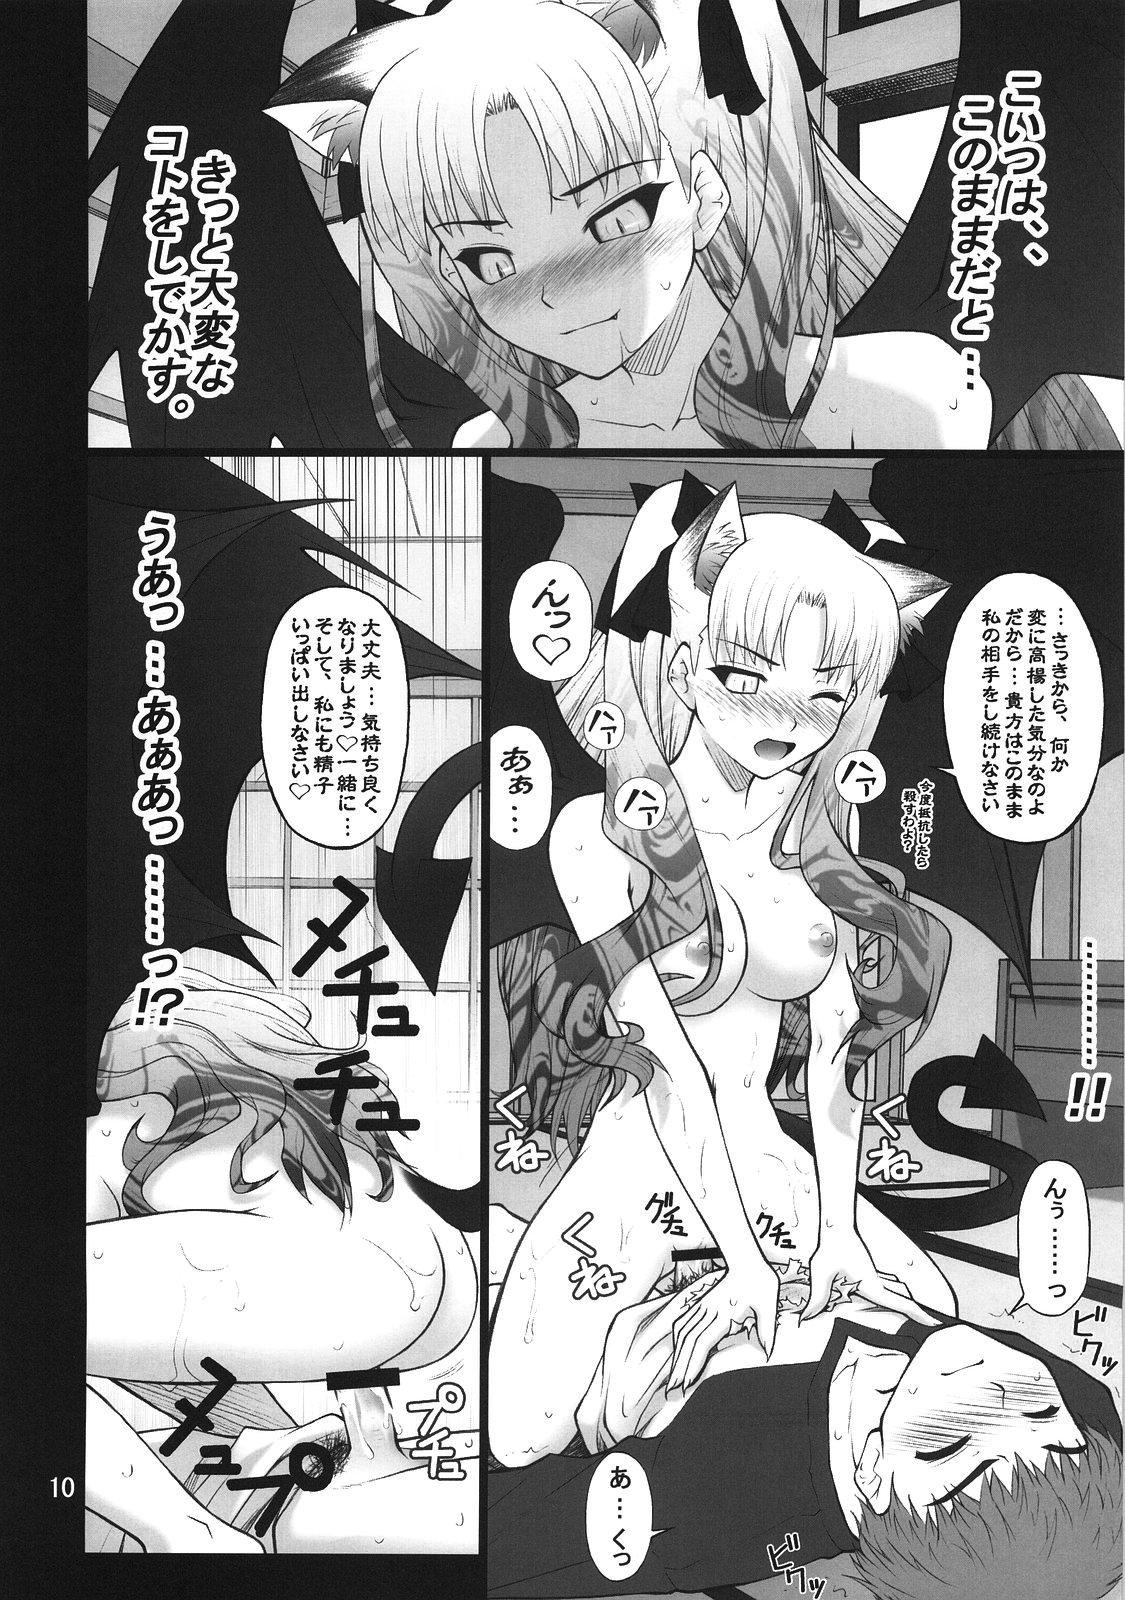 Grem-Rin 3 8